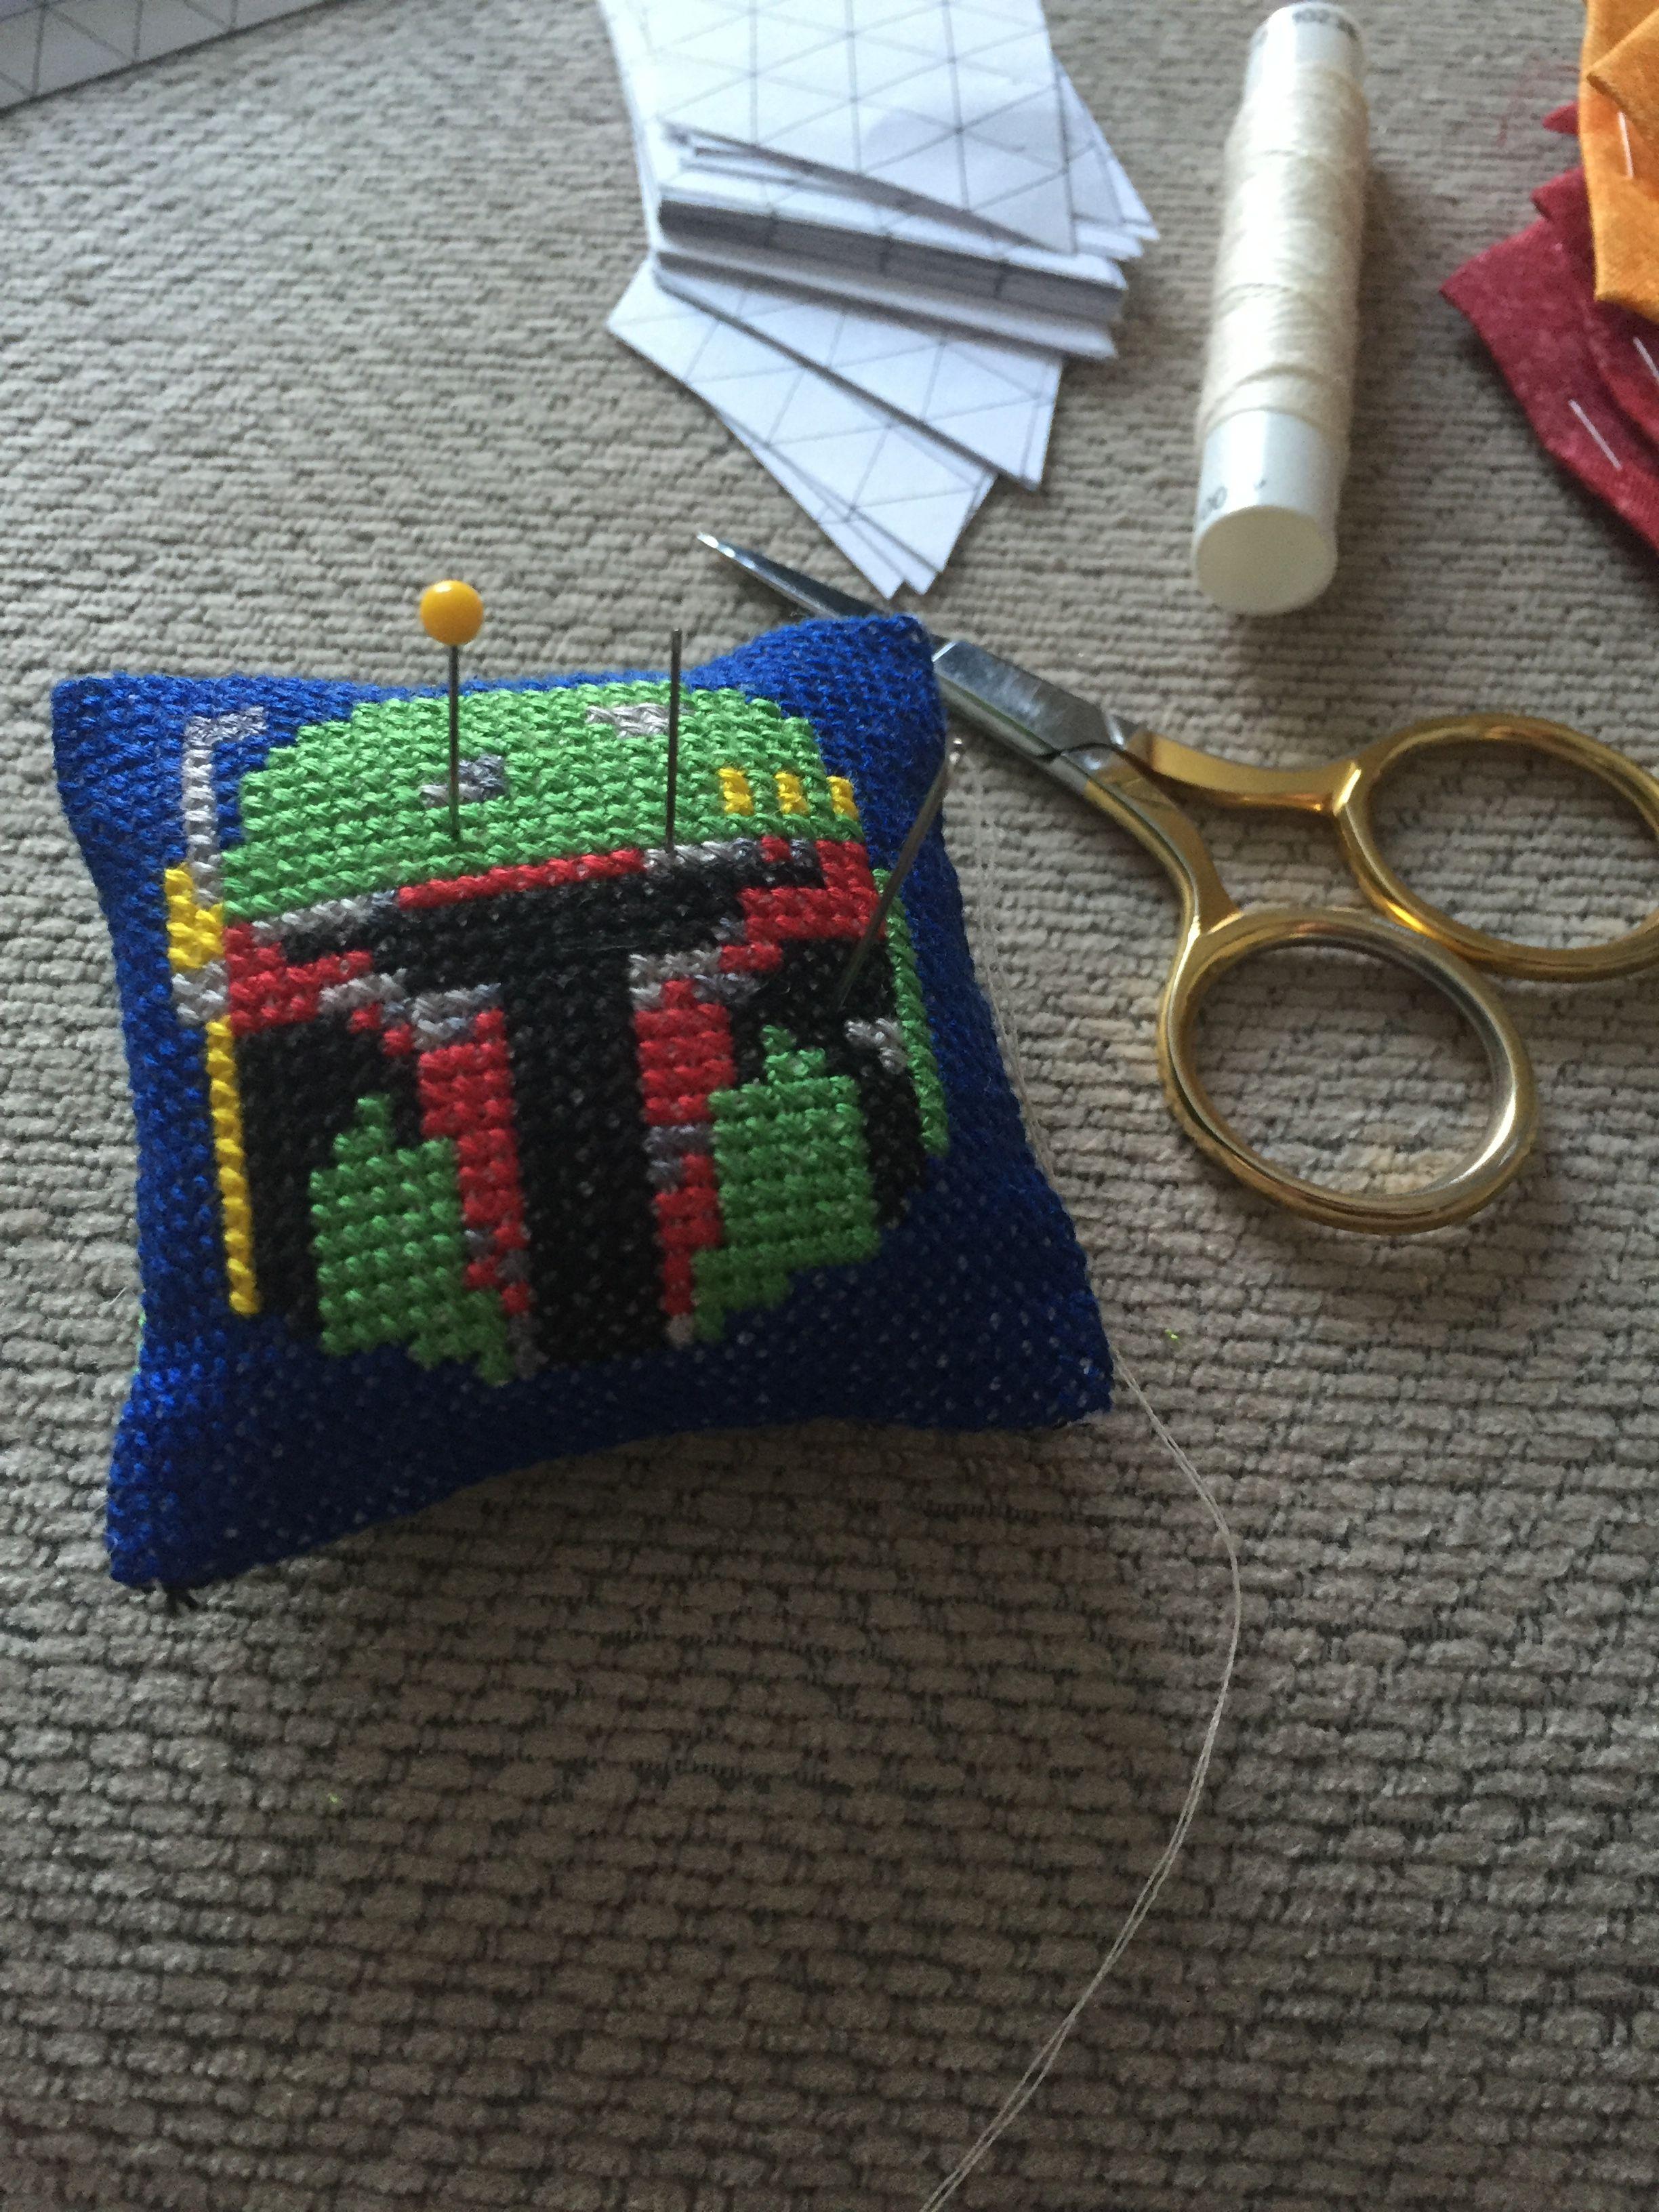 Boba Fett cross stitch pincushion.